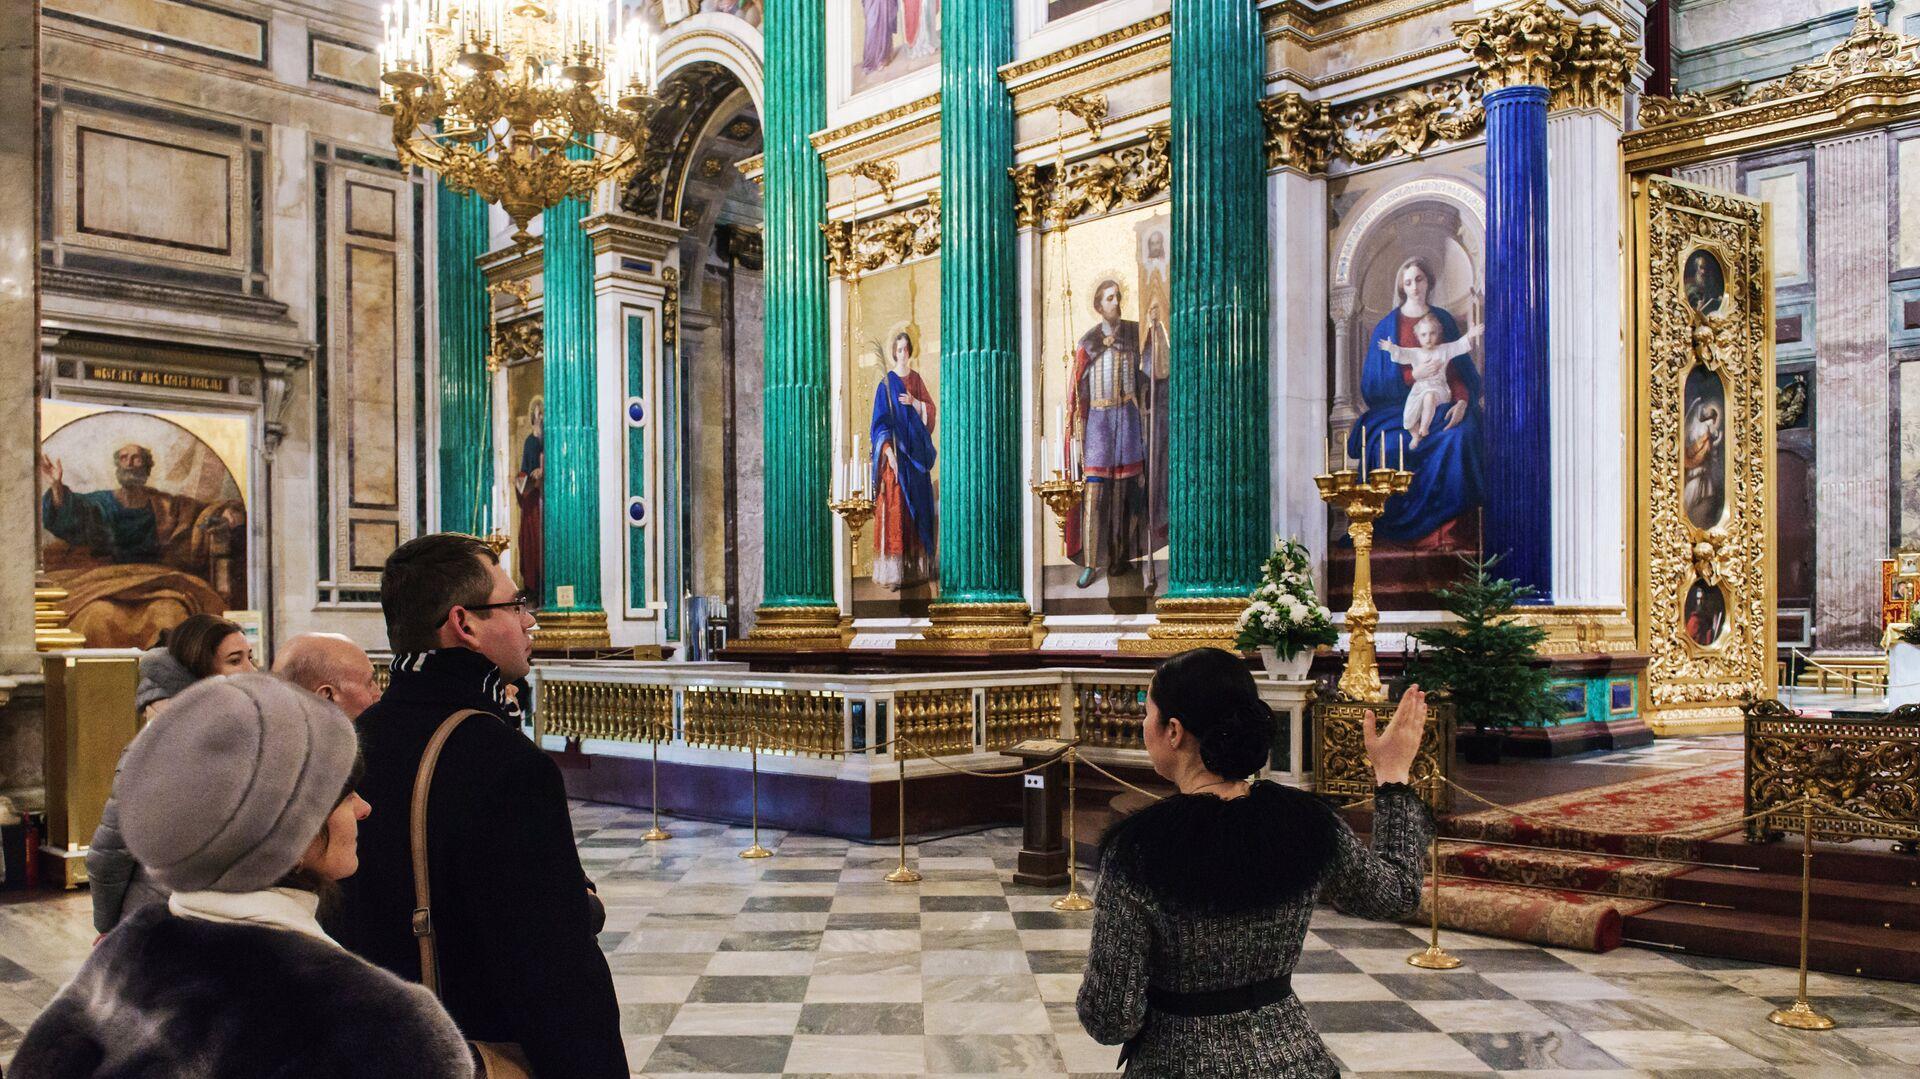 Туристы у главного иконостаса и царских врат в Исаакиевском соборе - РИА Новости, 1920, 21.12.2020